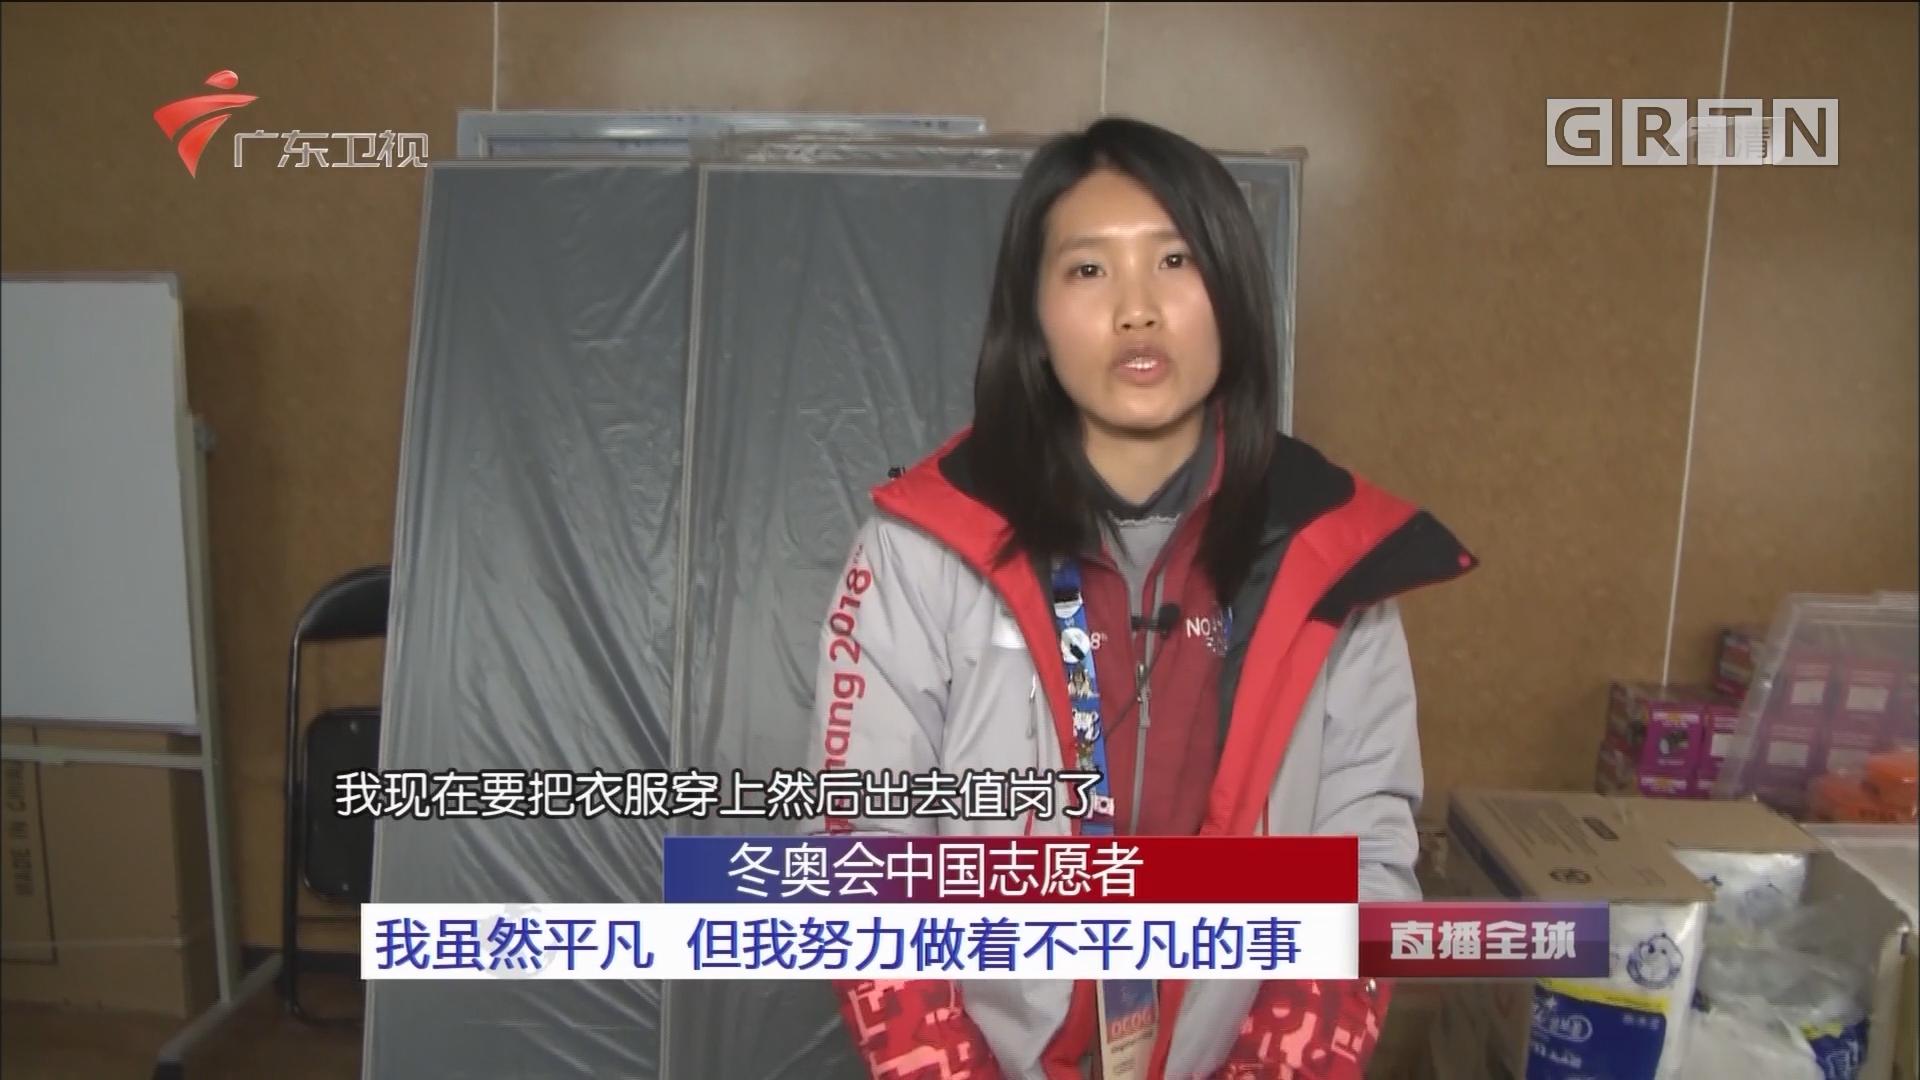 冬奥会中国志愿者:我虽然平凡 但我努力做着不平凡的事